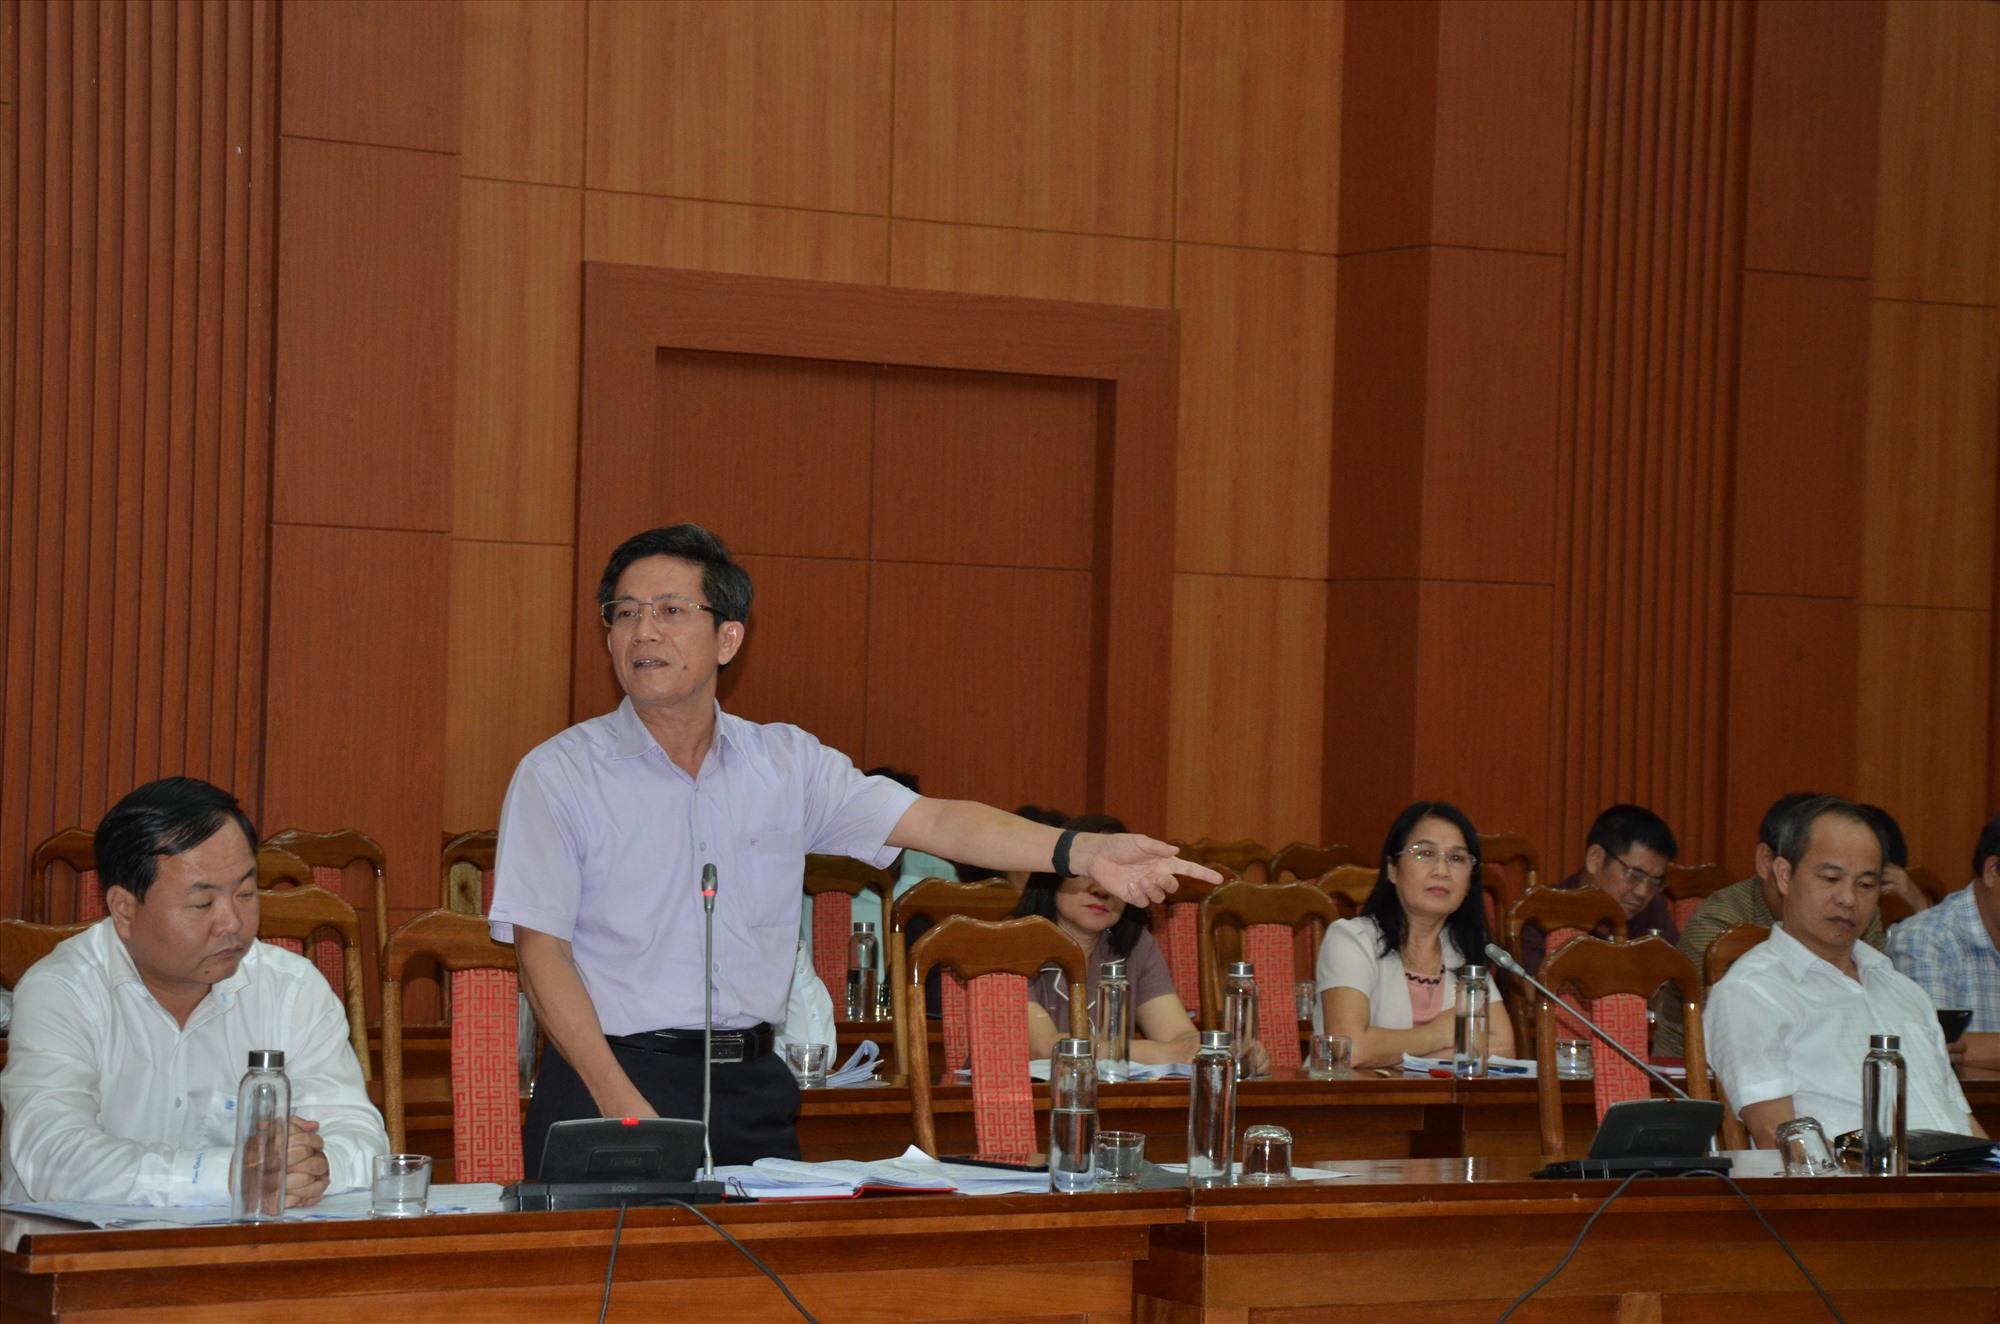 Bí thư Thành ủy Tam Kỳ Trần Nam Hưng phát biểu tại phiên thảo luận tổ chiều 14.4. Ảnh: H.P